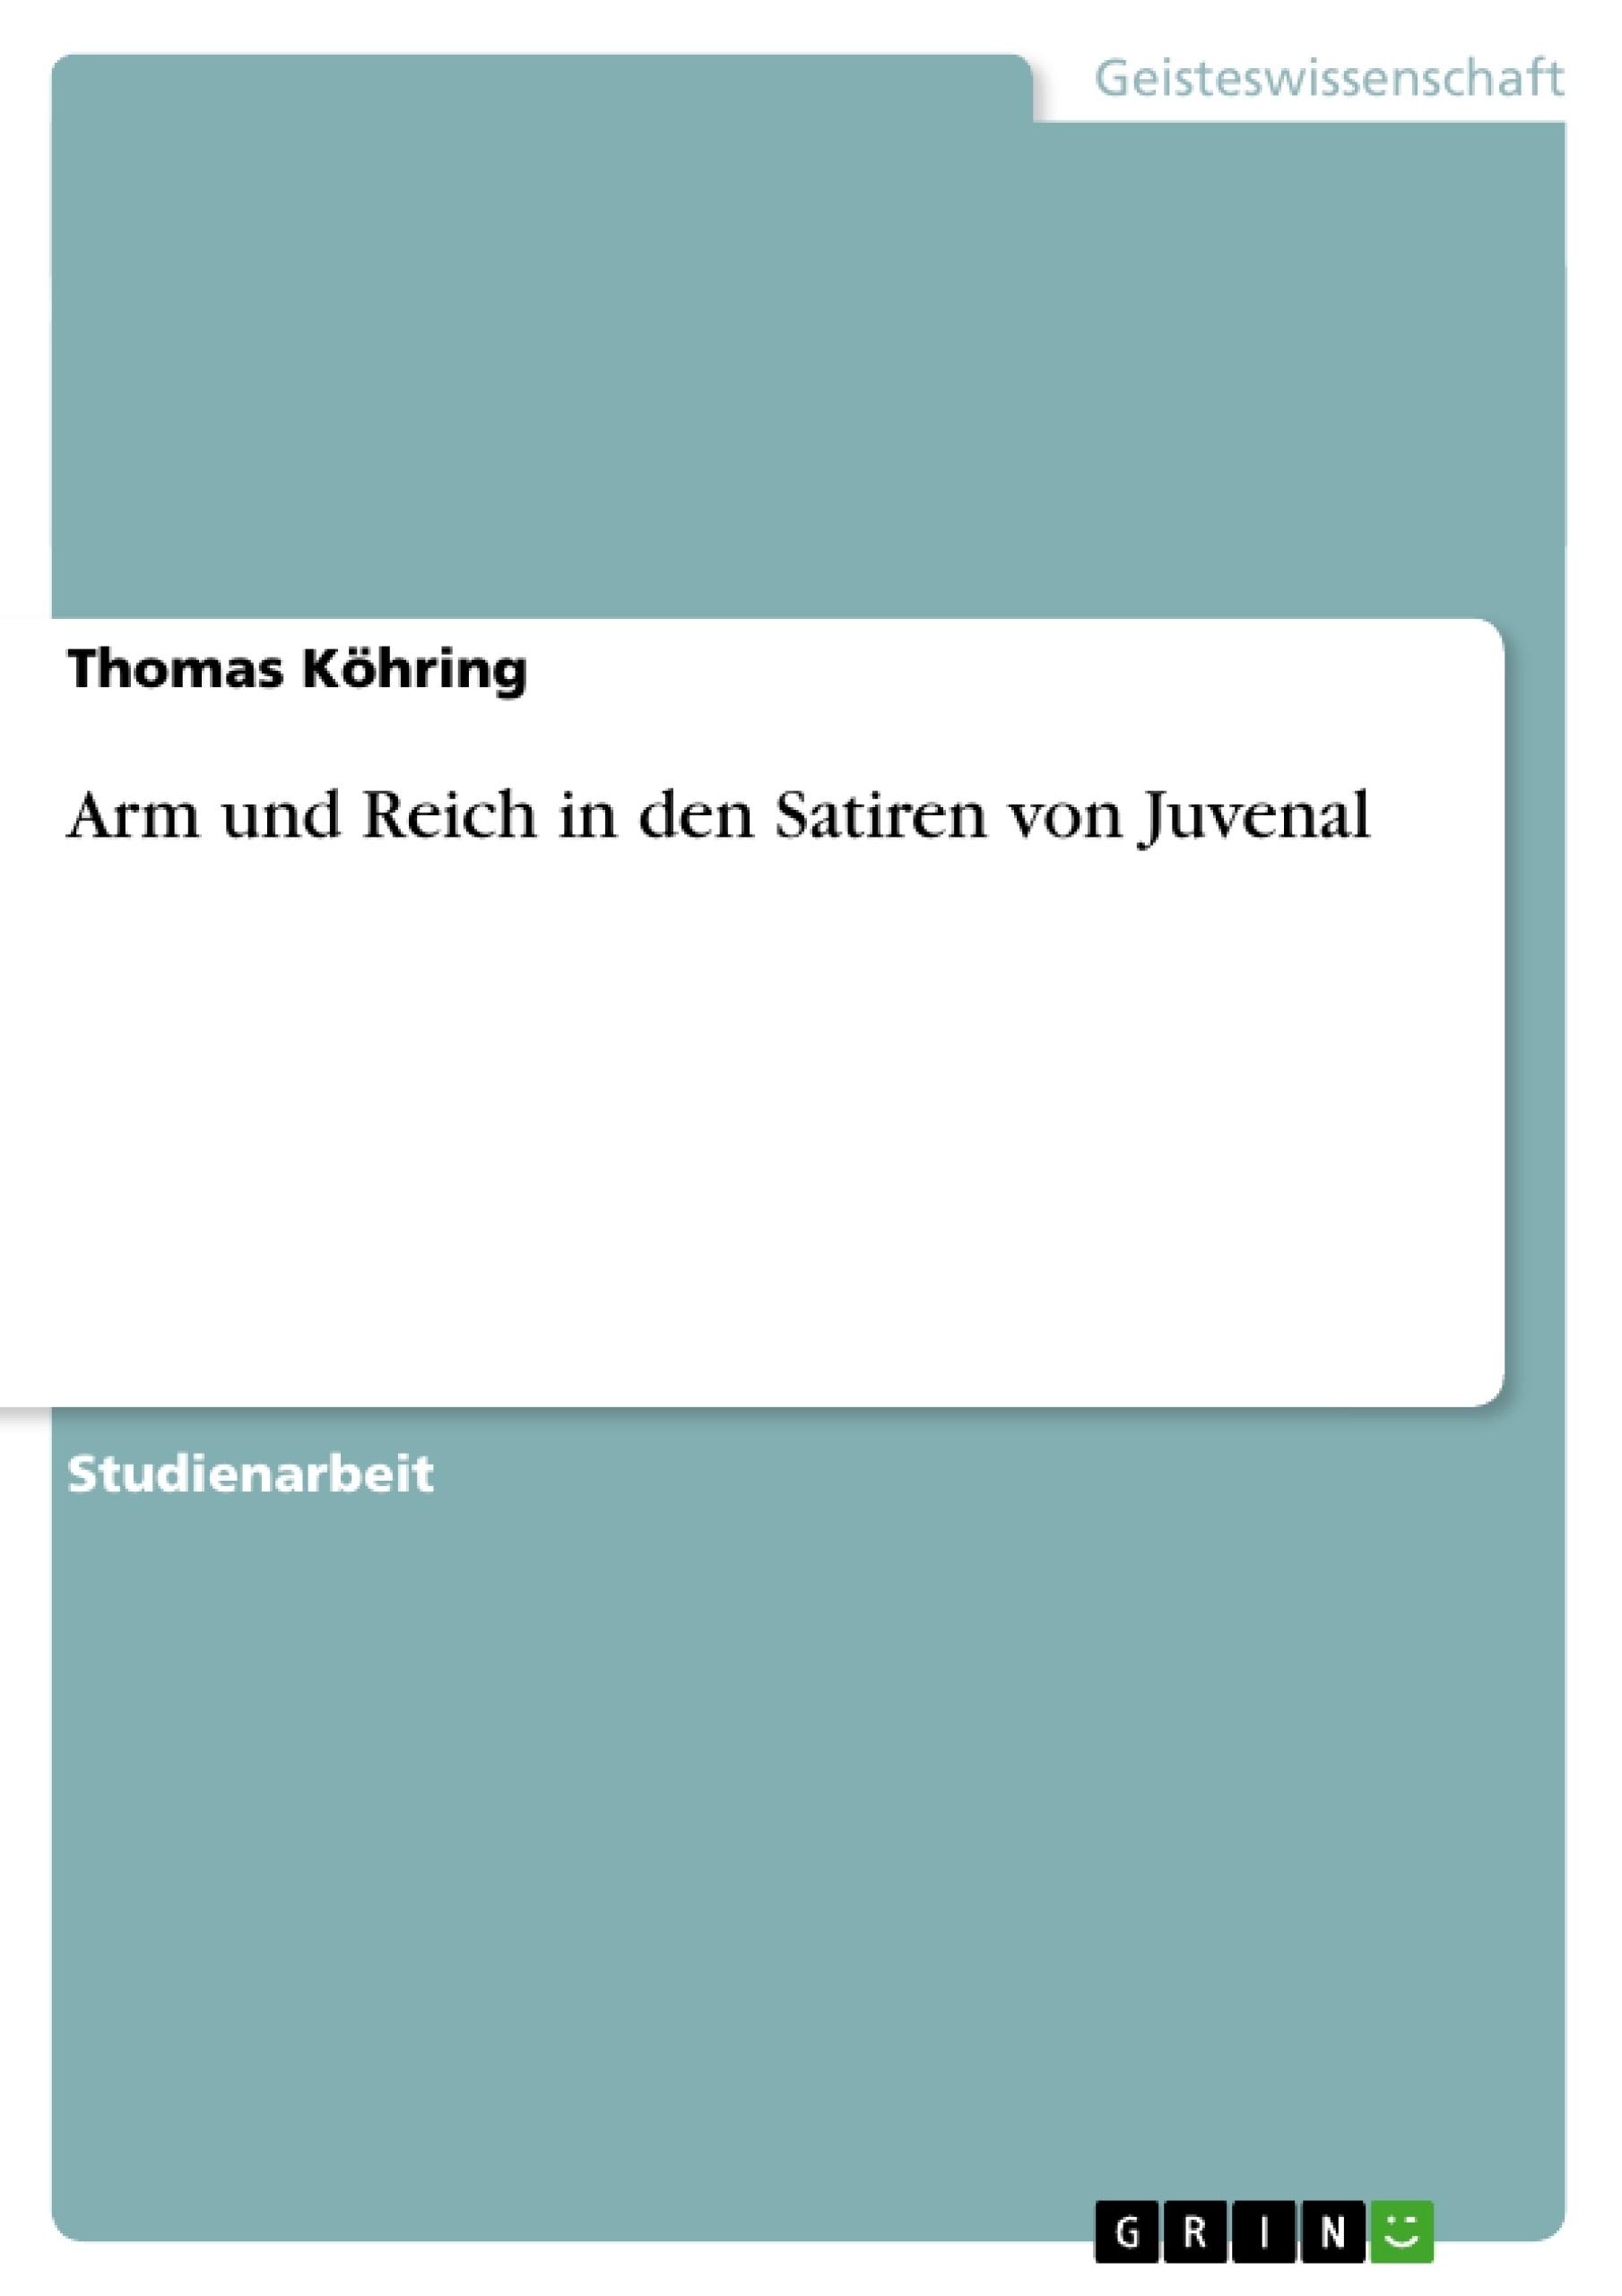 Titel: Arm und Reich in den Satiren von Juvenal